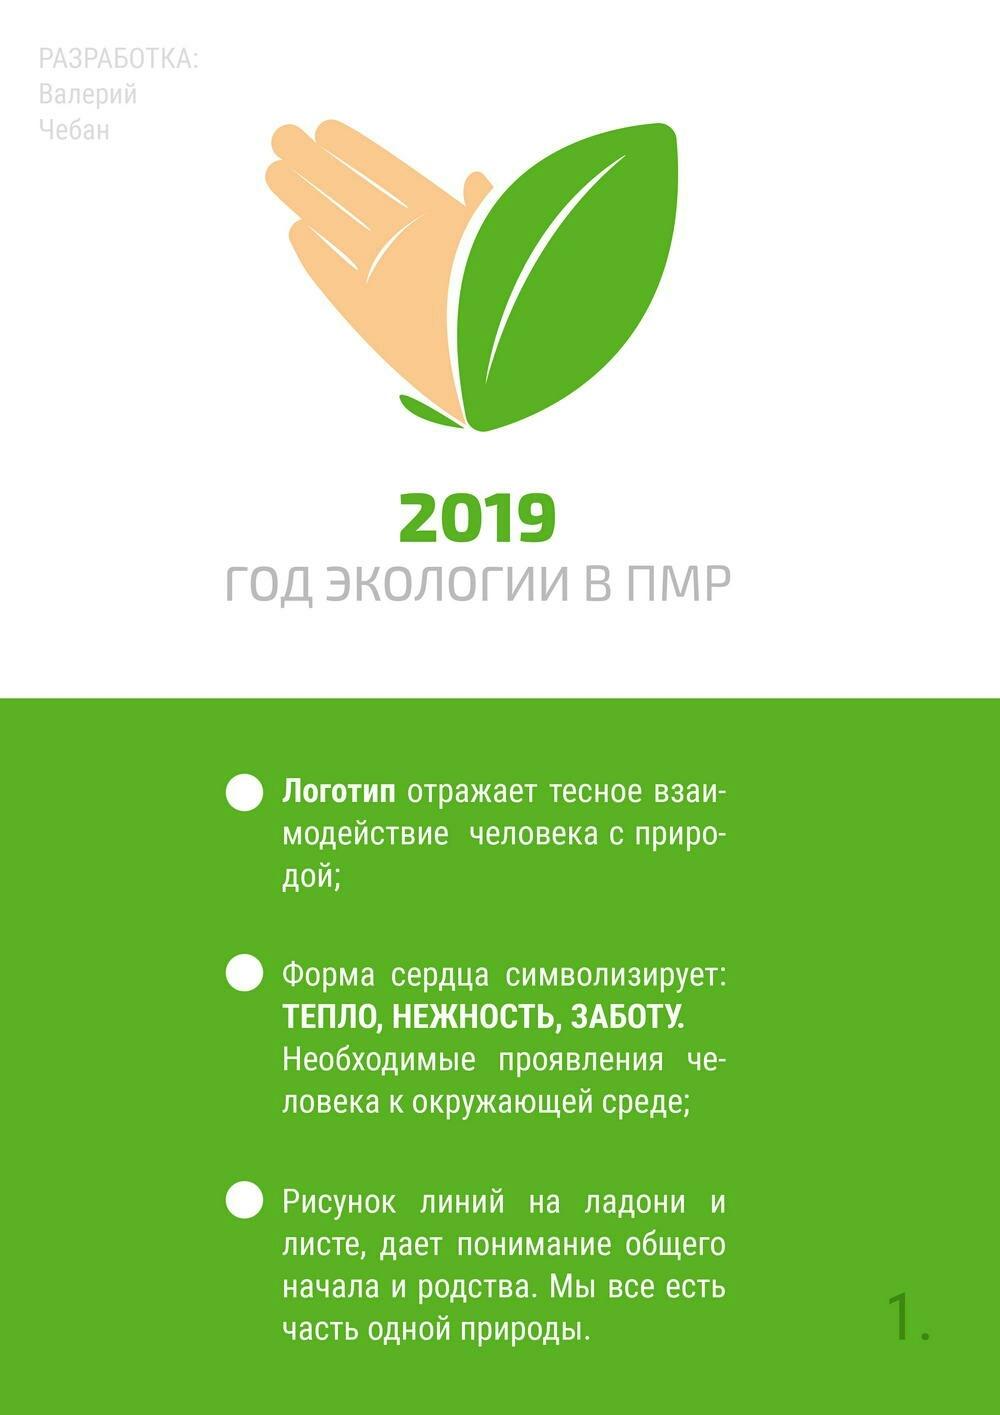 2019 год объявлен «Годом экологии и благоустройства».